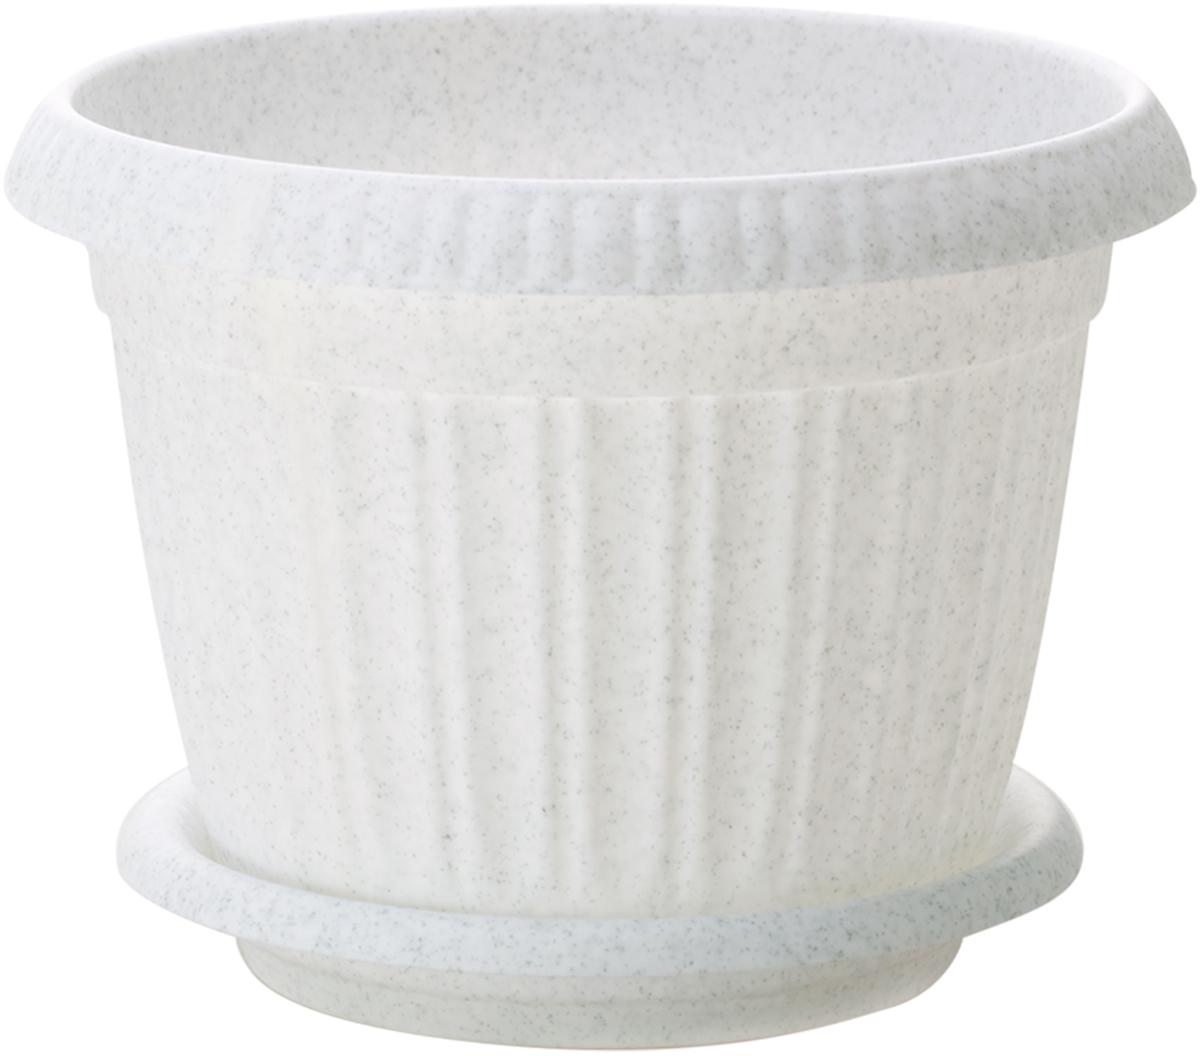 Горшок для цветов InGreen Таити, с подставкой, цвет: мраморный, диаметр 42 смING41042FМРГоршок InGreen Таити выполнен из высококачественного пластика и предназначен для выращивания цветов, растений и трав. Снабжен подставкой для стока воды. Такой горшок порадует вас функциональностью, а благодаря лаконичному дизайну впишется в любой интерьер помещения.